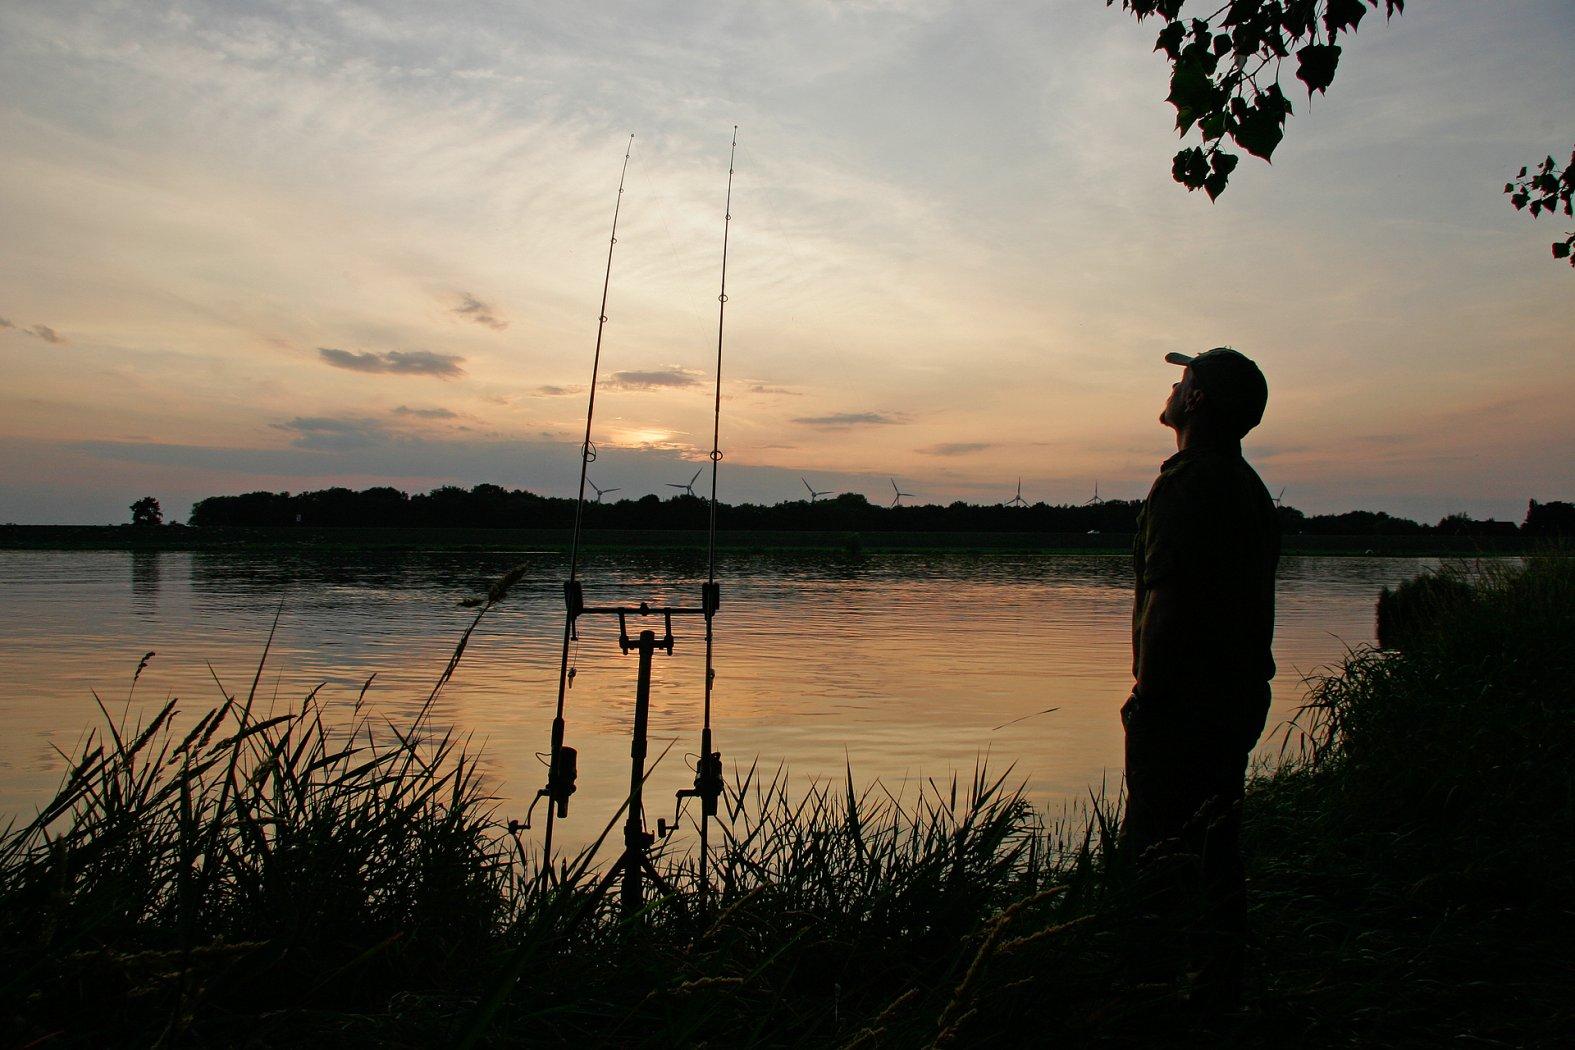 Auf Karpfen angeln im Fluss